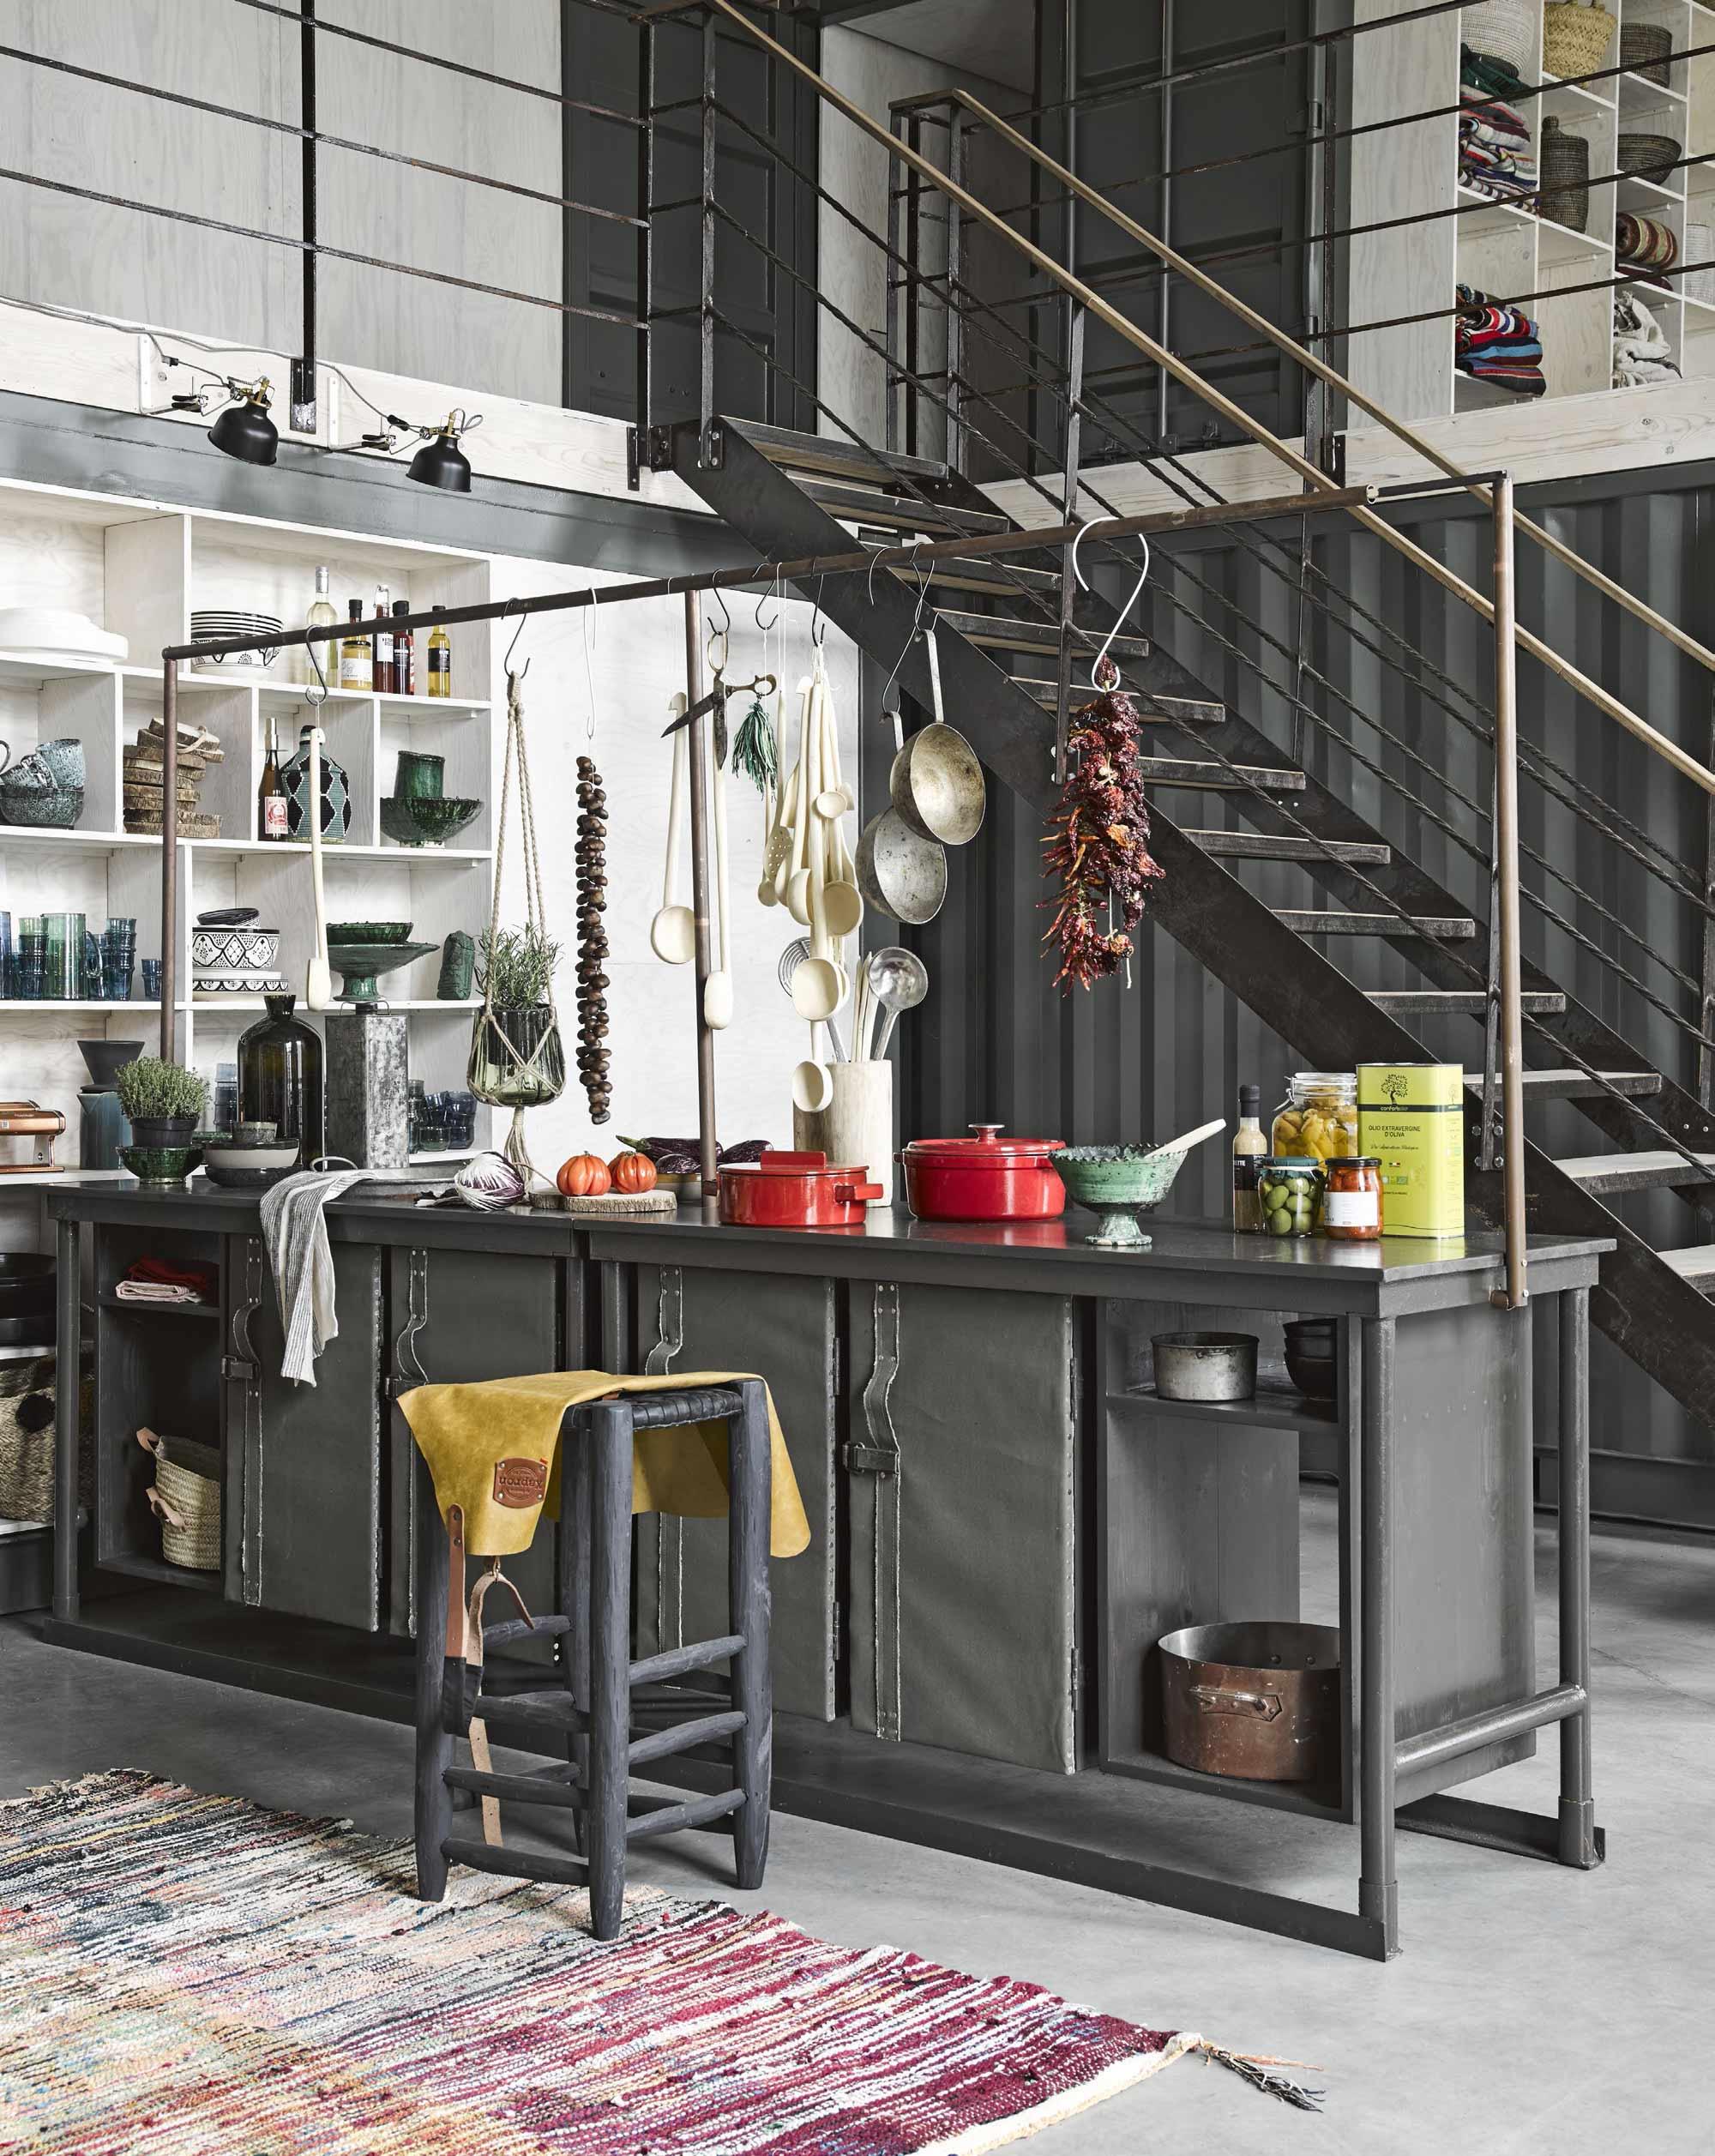 Zwarte keuken met stalen frame